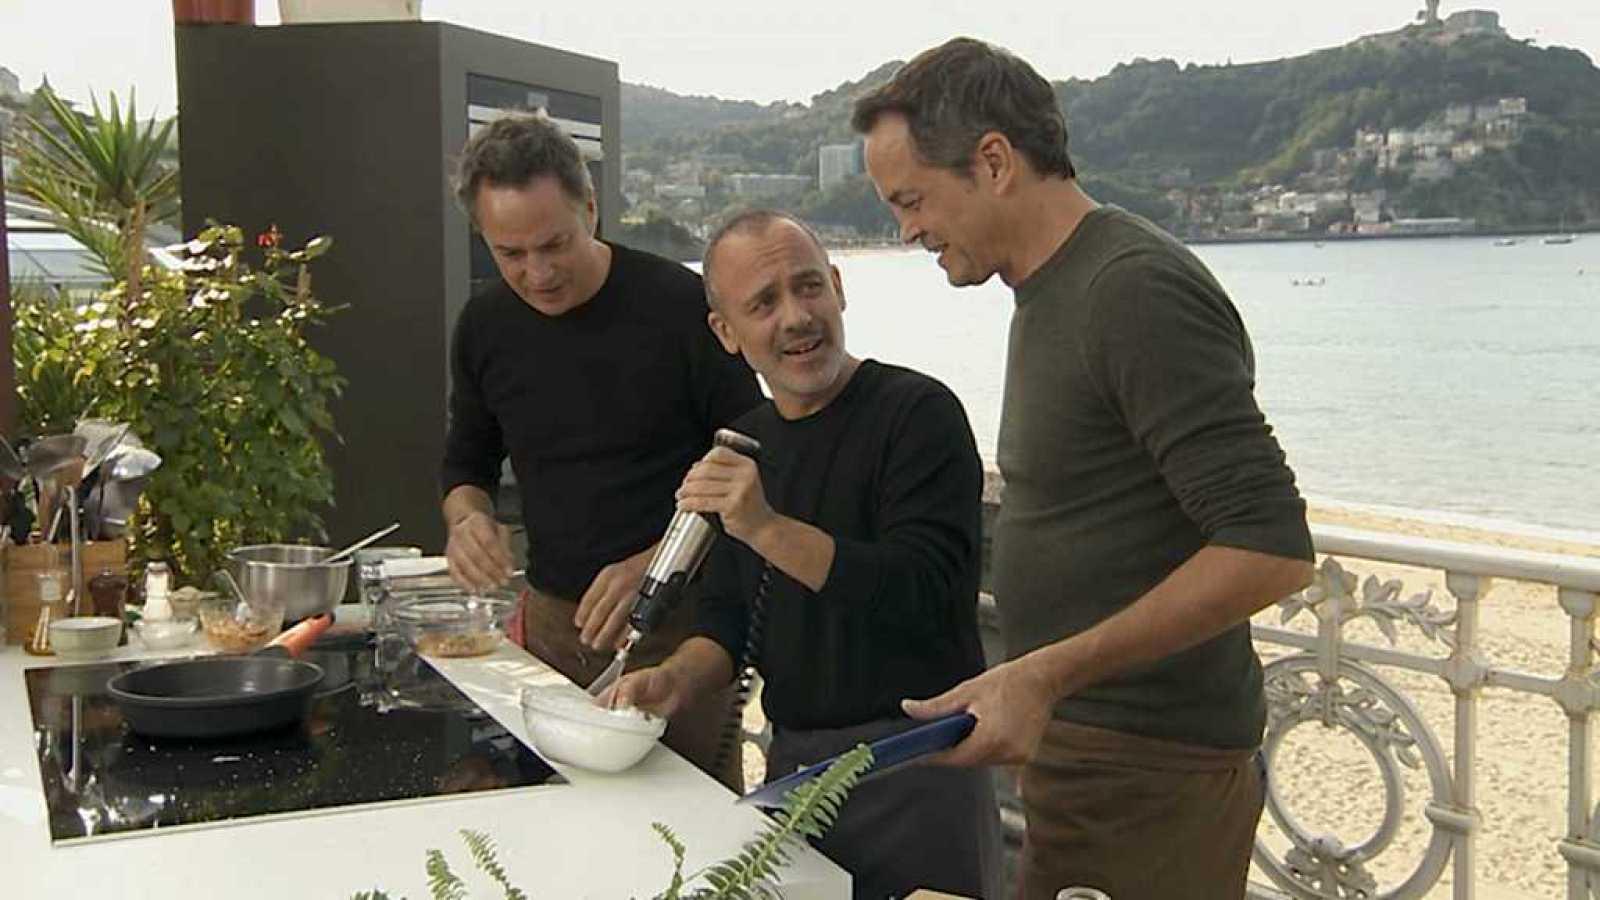 Torres en la cocina - Especial Festival de San Sebastián - RTVE.es